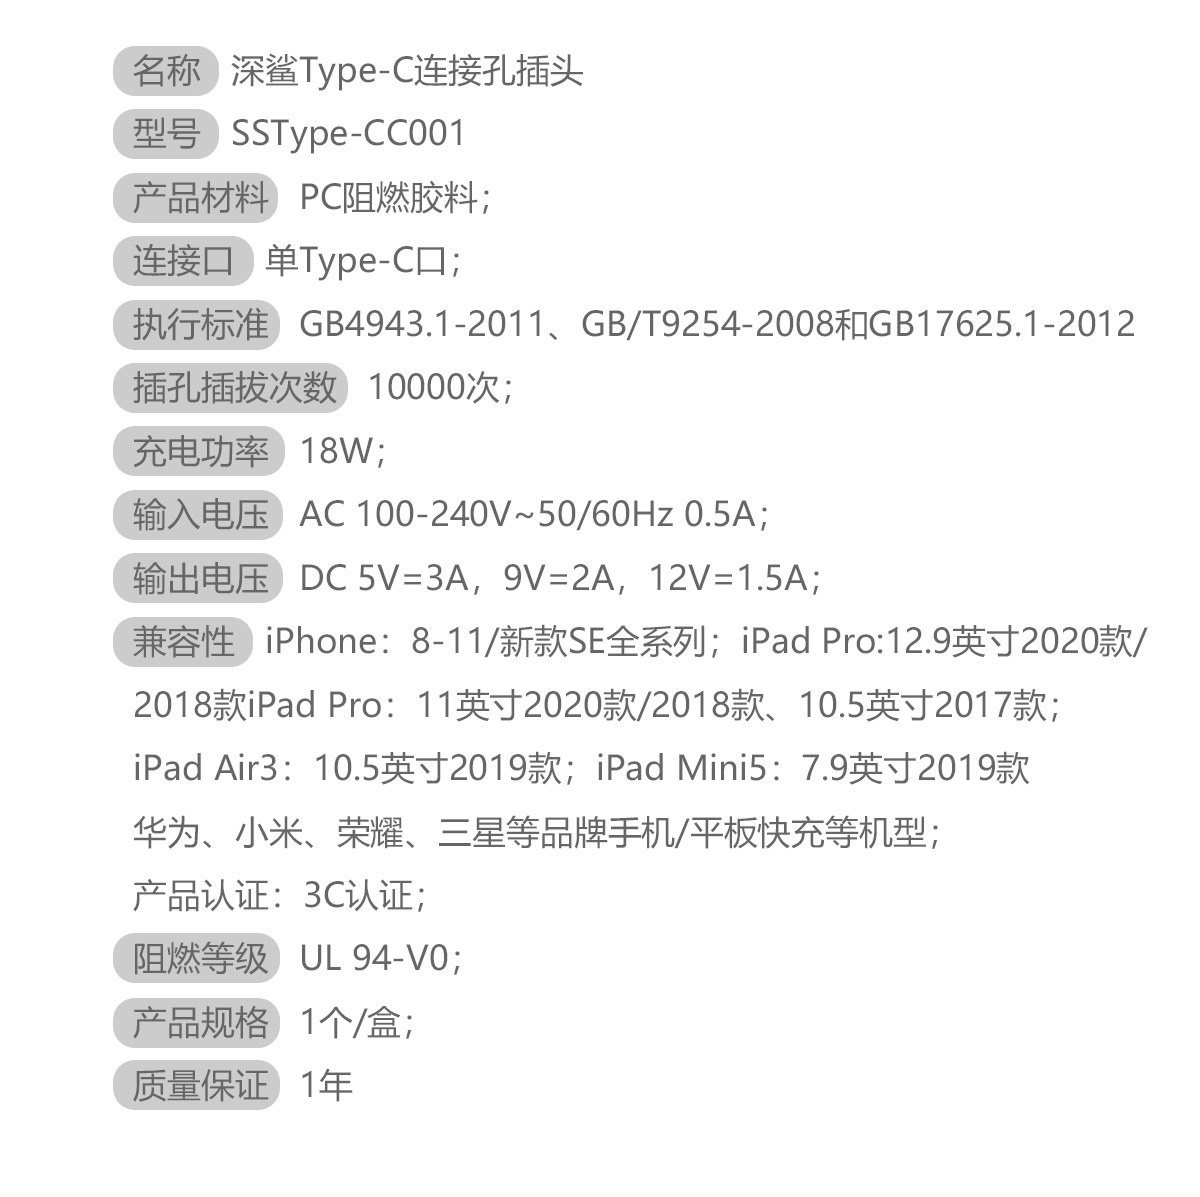 """""""1、产品材料:PC阻燃胶料; 2、连接口:单Type-C口; 3、执行标准:GB4943.1-2011、GB/T9254-2008和GB17625.1-2012 4、插孔插拔次数:10000次; 5、充电功率:18W; 6、输入电压:AC 100-240V~50/60Hz 0.5A; 7、输出电压:DC 5V=3A,9V=2A,12V=1.5A; 8、兼容性:iPhone:8-11/新款SE全系列;iPad Pro:12.9英寸2020款/2018款 iPad Pro:11英寸2020款/2018款、10.5英寸2017款; iPad Air3:10.5英寸2019款;iPad Mini5:7.9英寸2019款 华为、小米、荣耀、三星等品牌手机/平板快充等机型; 9、产品认证:3C认证; 10、阻燃等级:UL 94-V0; 11、产品规格:1个/盒; 12、质量保证:1年。 """""""